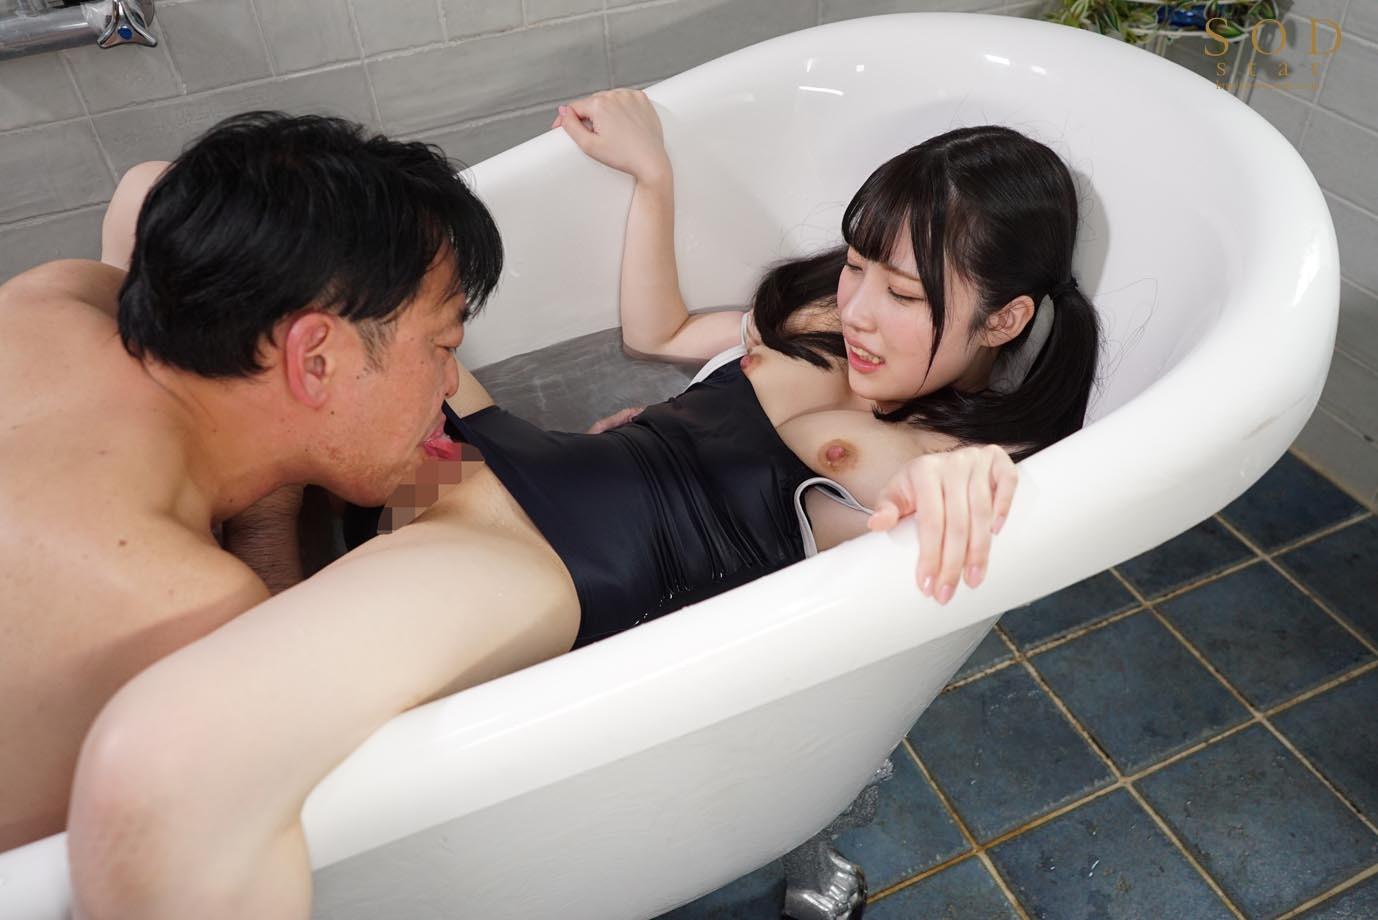 新人グラドル18才 朝田ひまり ドキドキぜ~んぶ初体験4本番 画像11